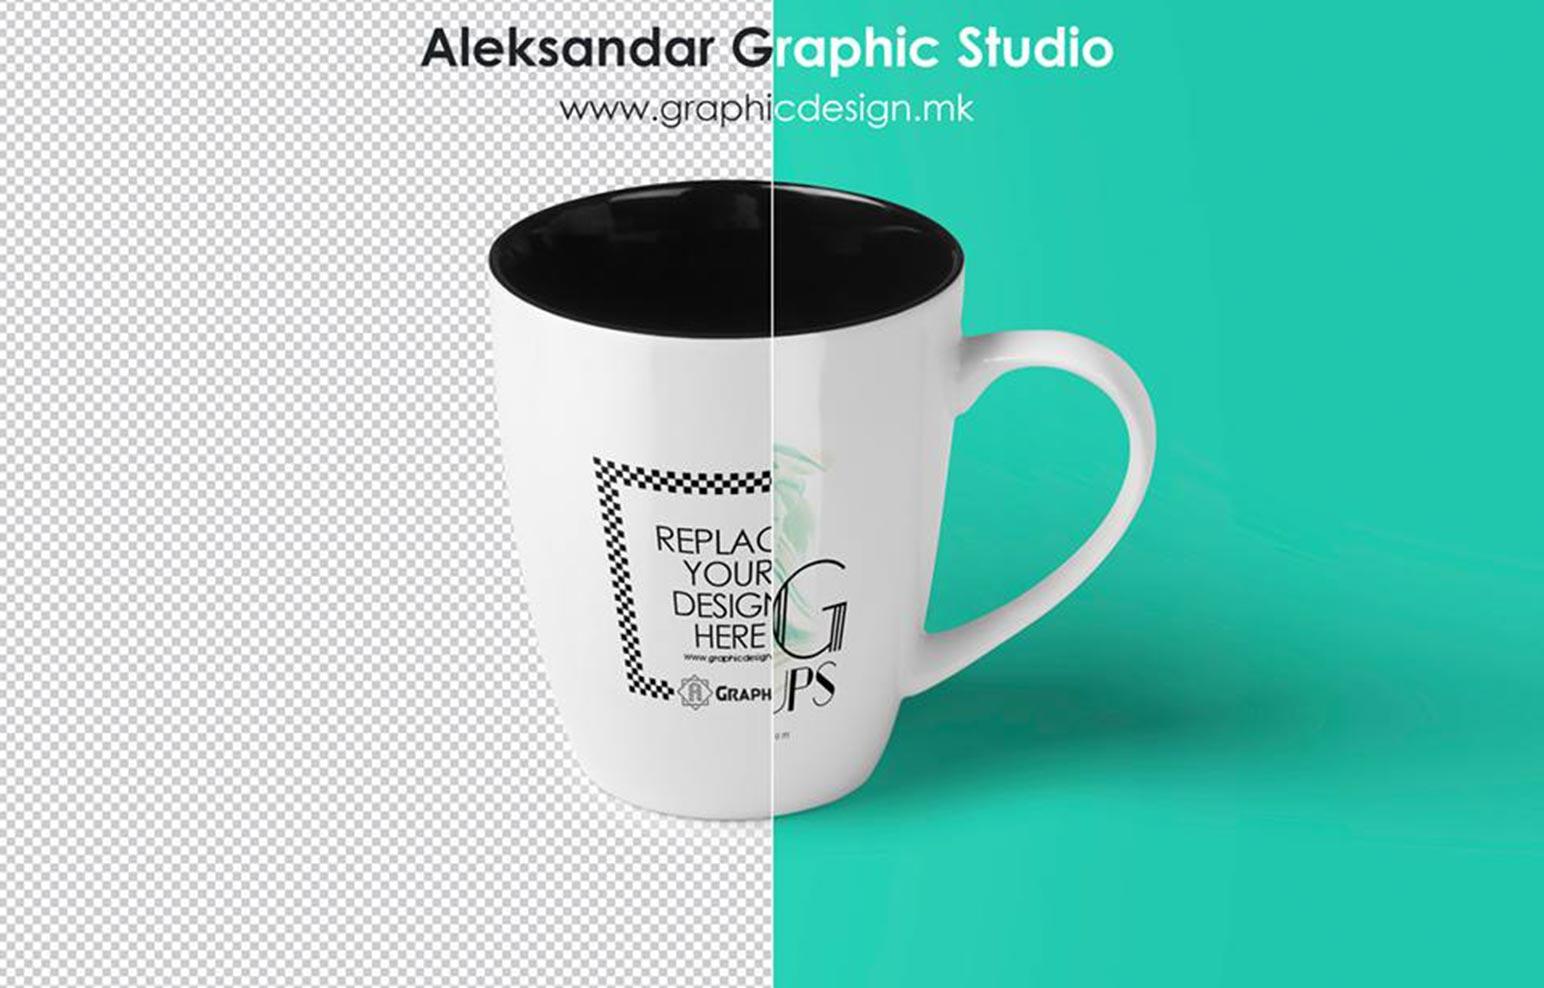 Izrabotka na Mokapi i dizajni za casi za kafe - Graficki dizajn Изработка на мокапи и дизајни за чаши за кафе - Графички дизајн